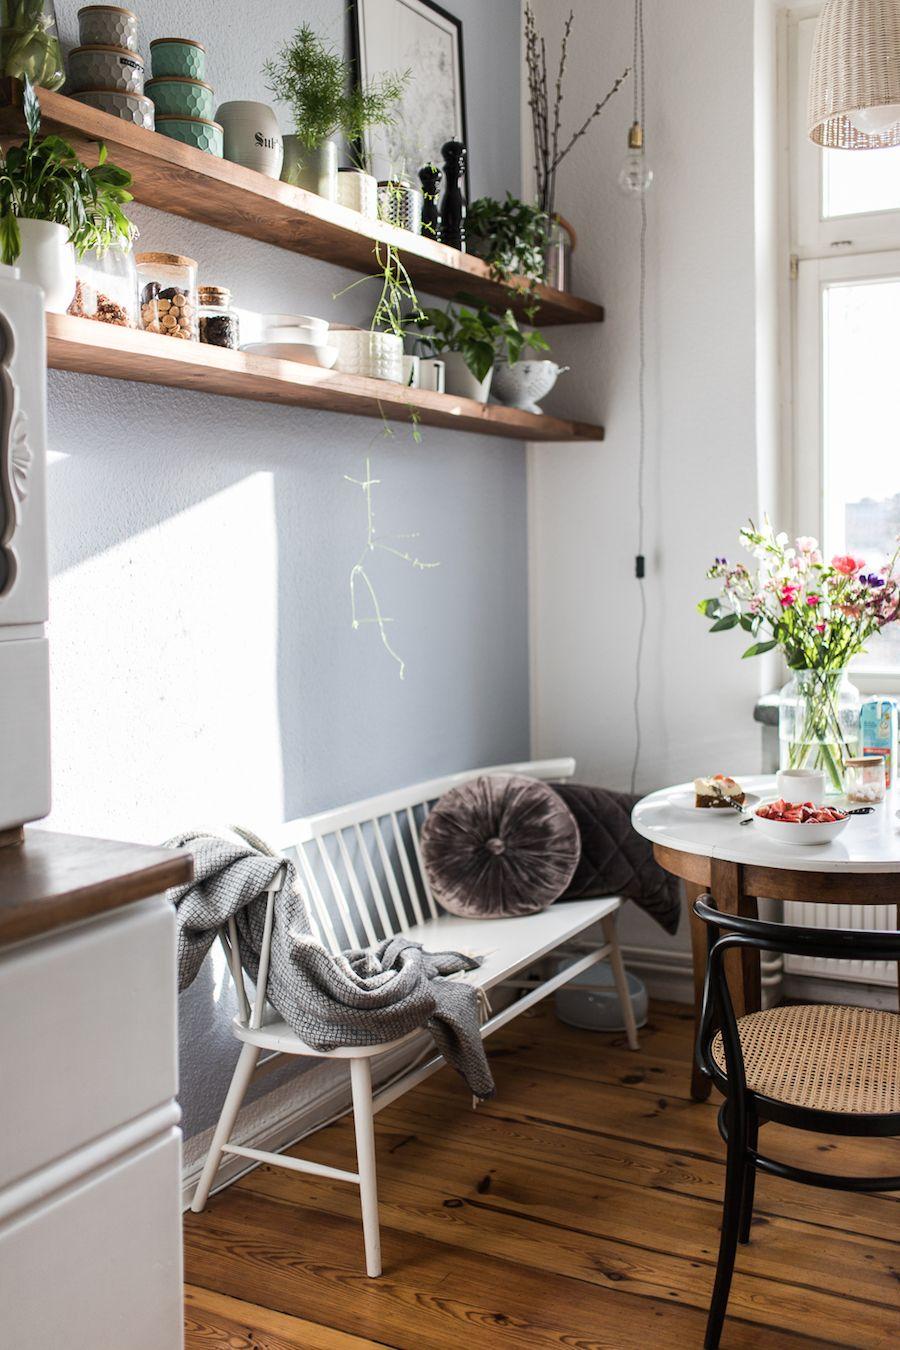 gemutliches zuhause dielenboden, sprossenbank in vintage küche dielen | interieur | homestory, Design ideen